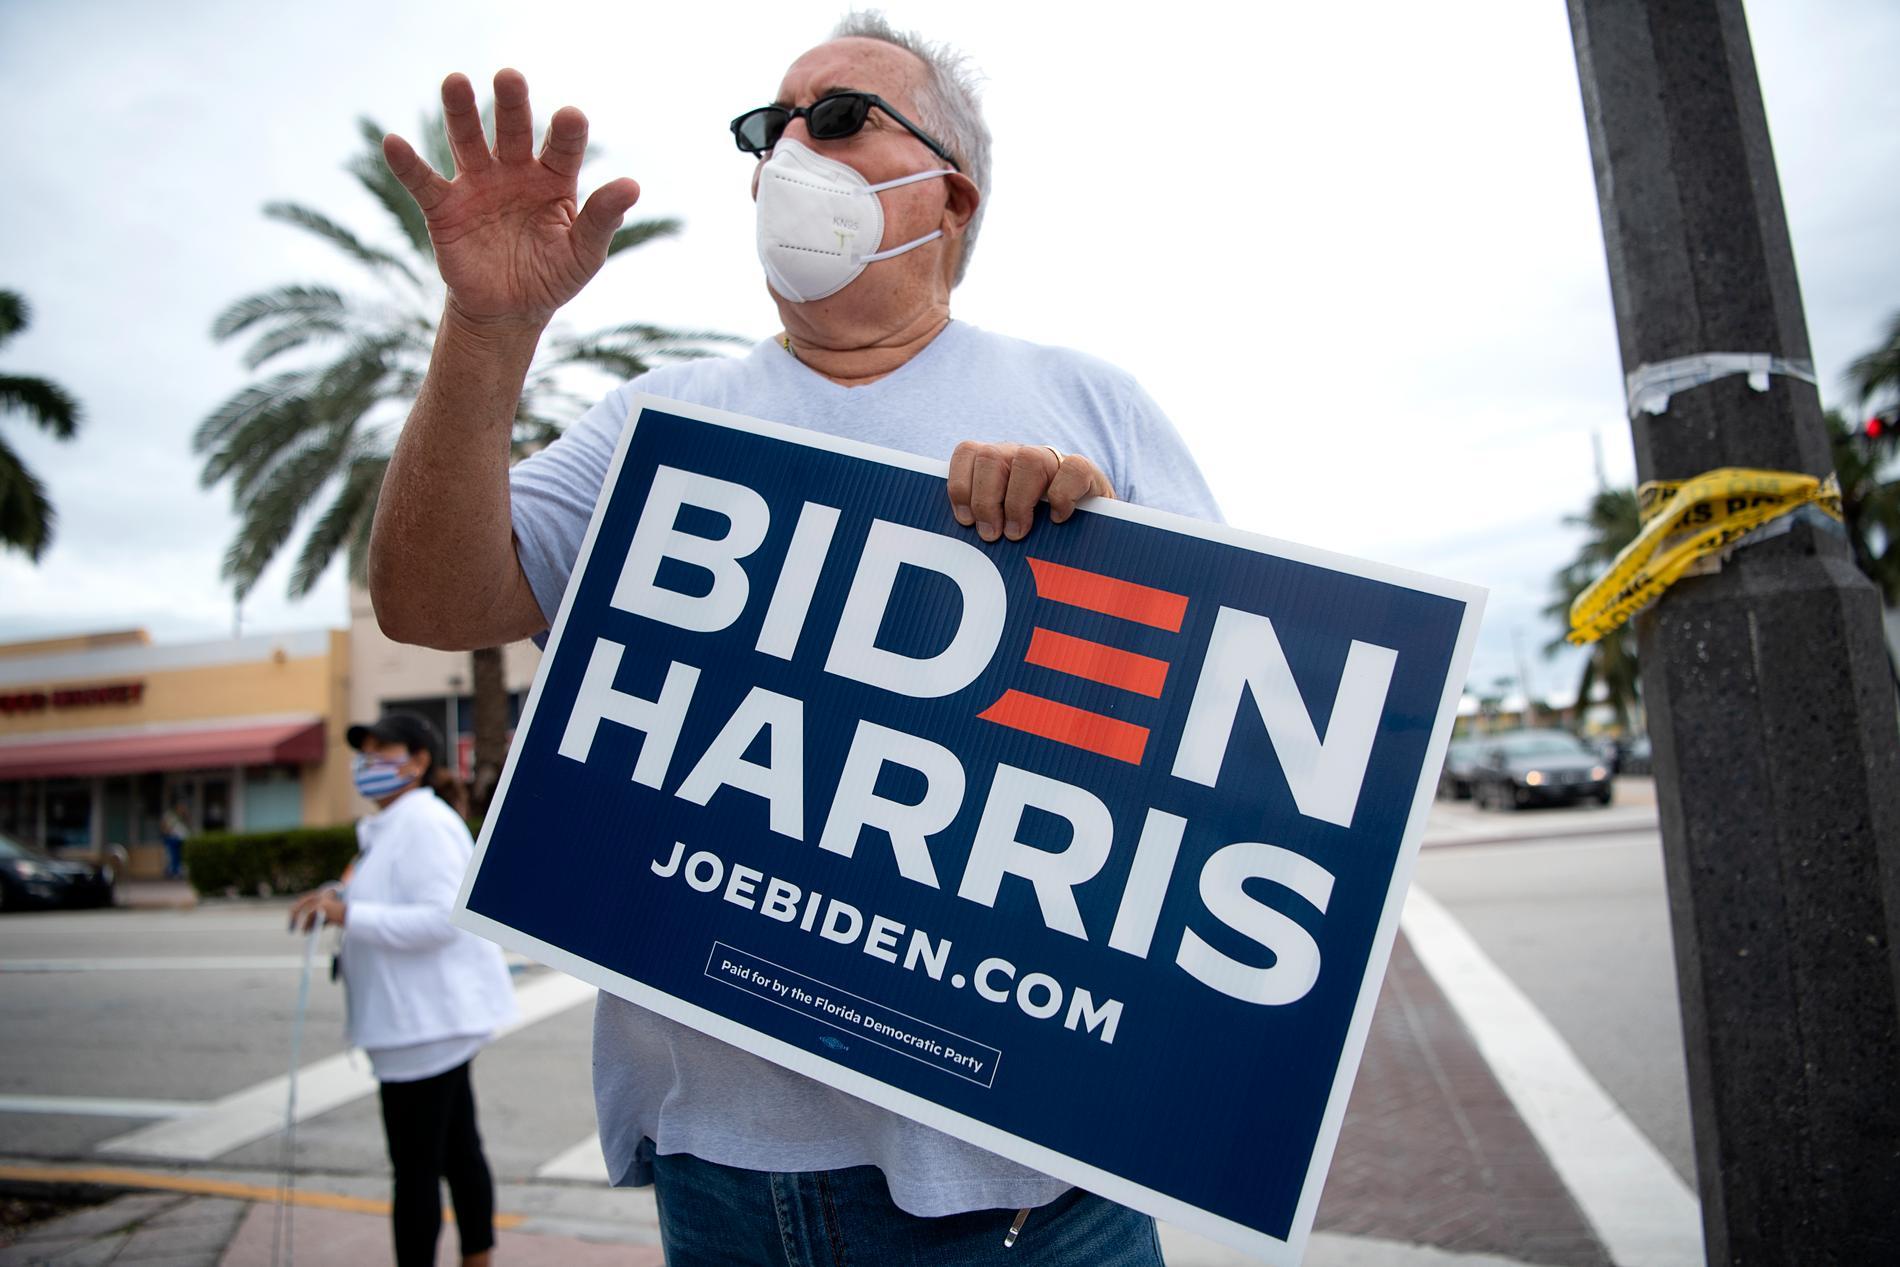 Så fort Tony Garcia lagt sin röst på Joe Biden i North Shore-biblioteket intill gick han ut till hörnet av Collins Avenue med en stor valskylt där det står Biden.